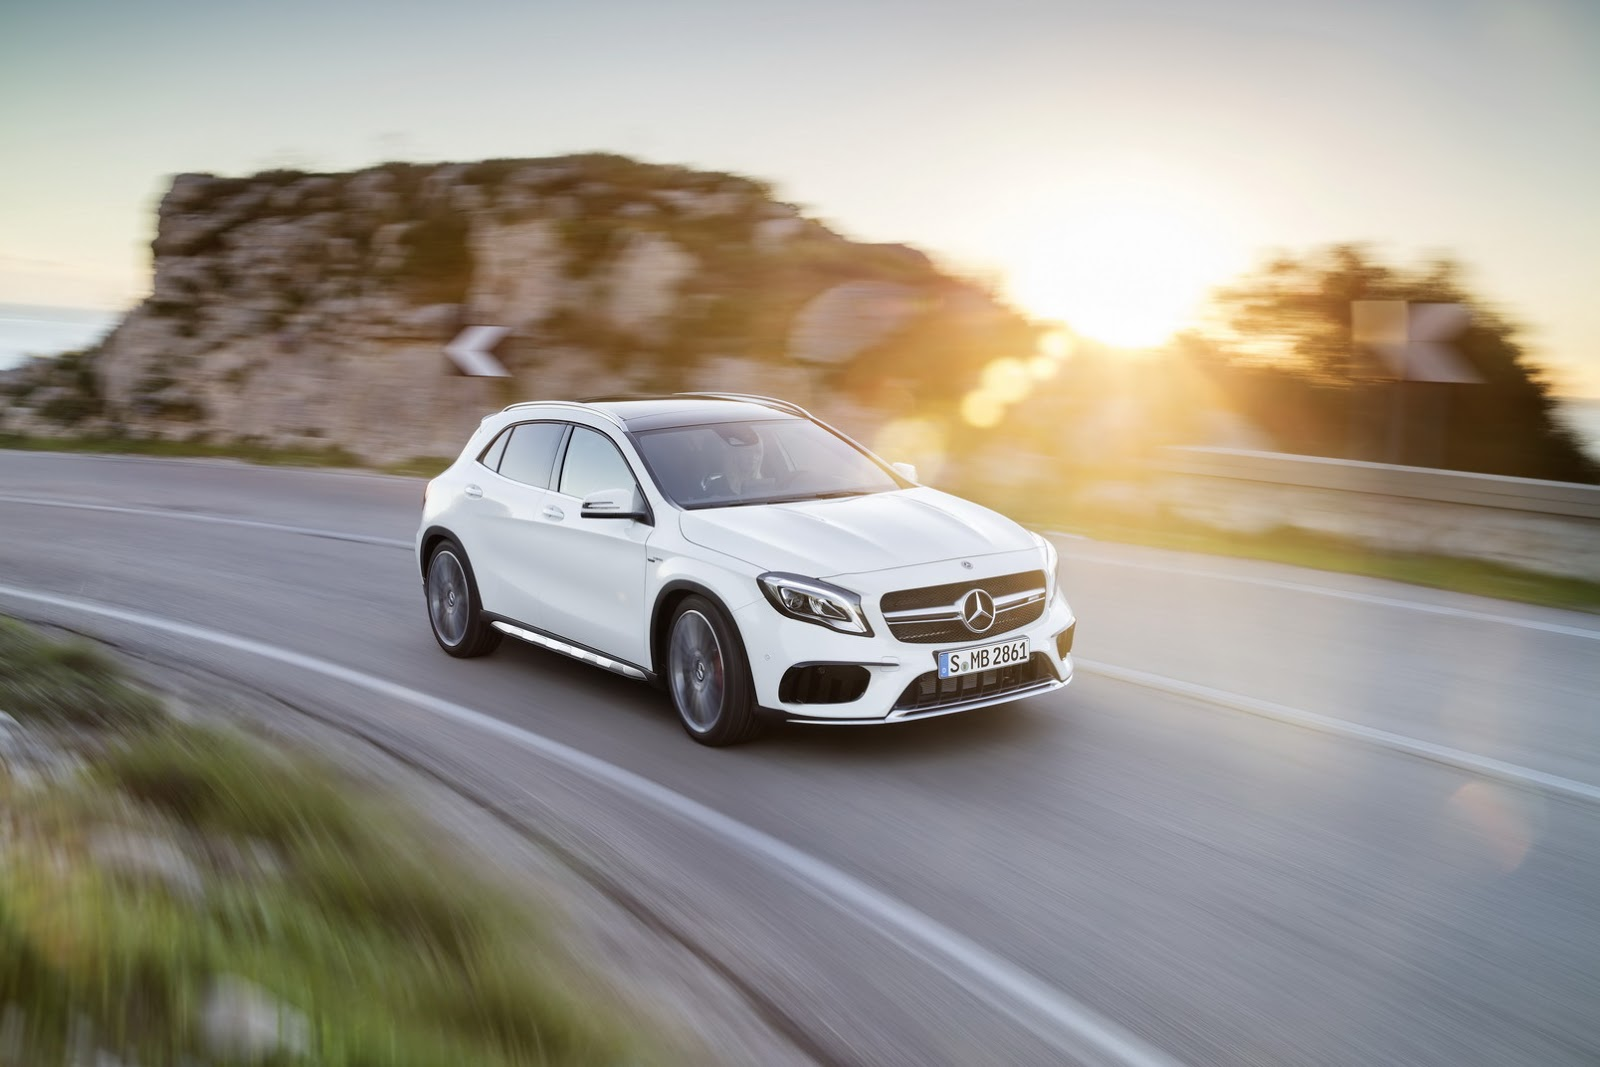 Mercedes GLA facelift and GLA 45 AMG facelift 2017 (3)